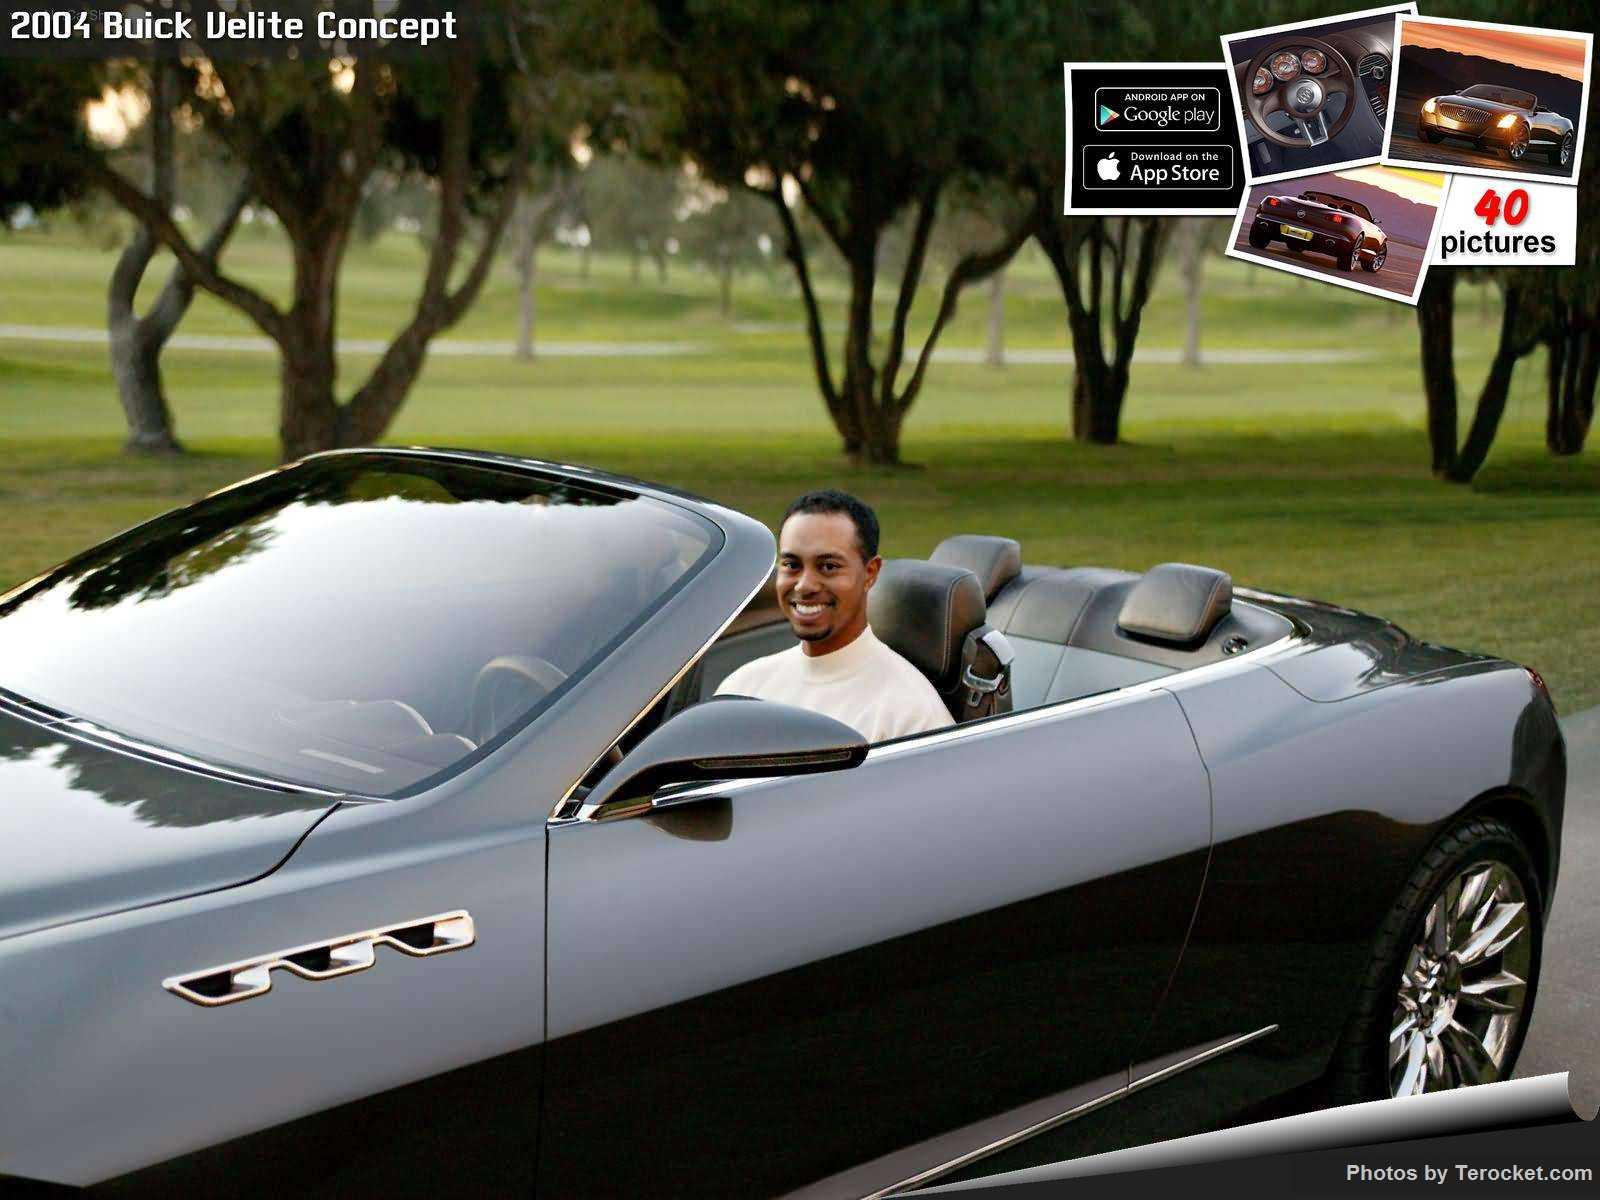 Hình ảnh xe ô tô Buick Velite Concept 2004 & nội ngoại thất